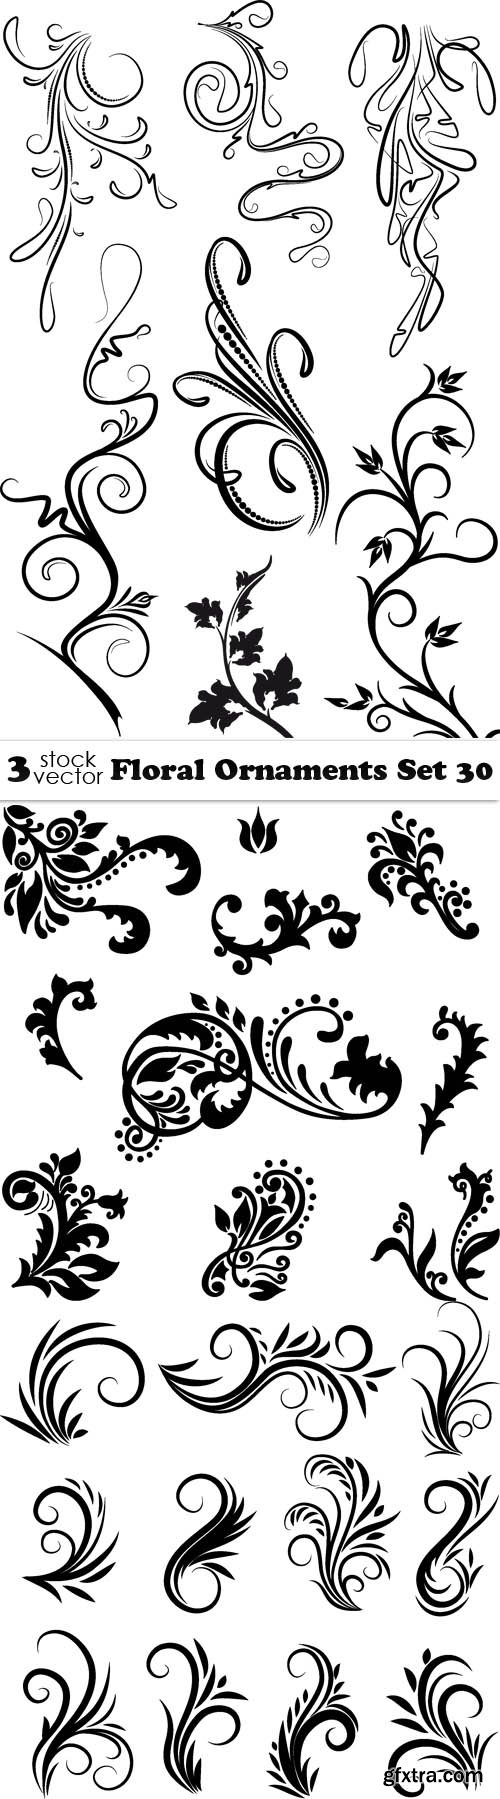 Vectors - Floral Ornaments Set 30